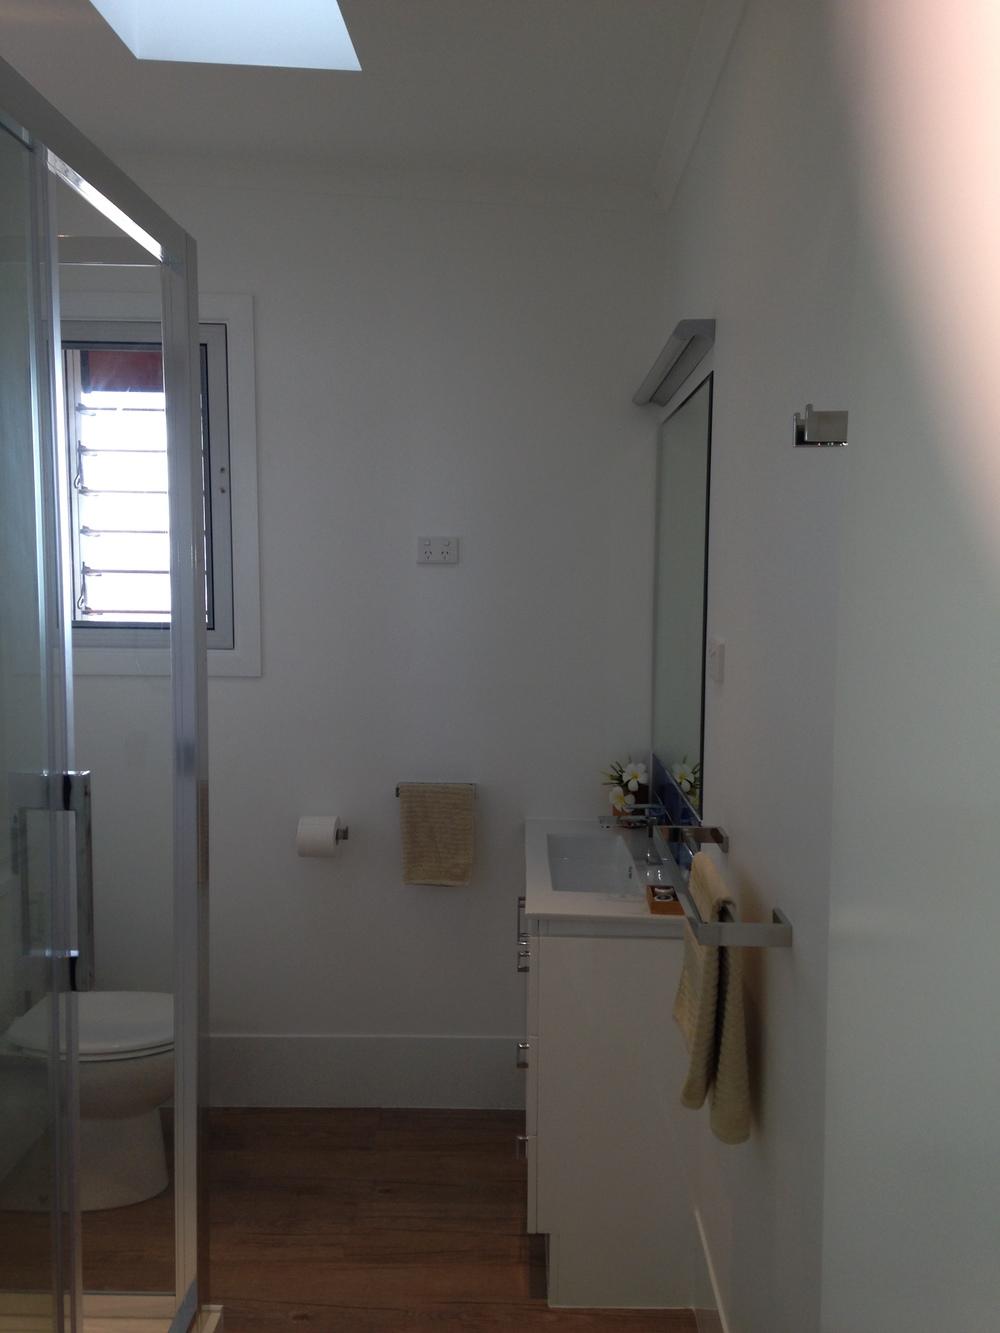 Studio with Ocean View: Bathroom